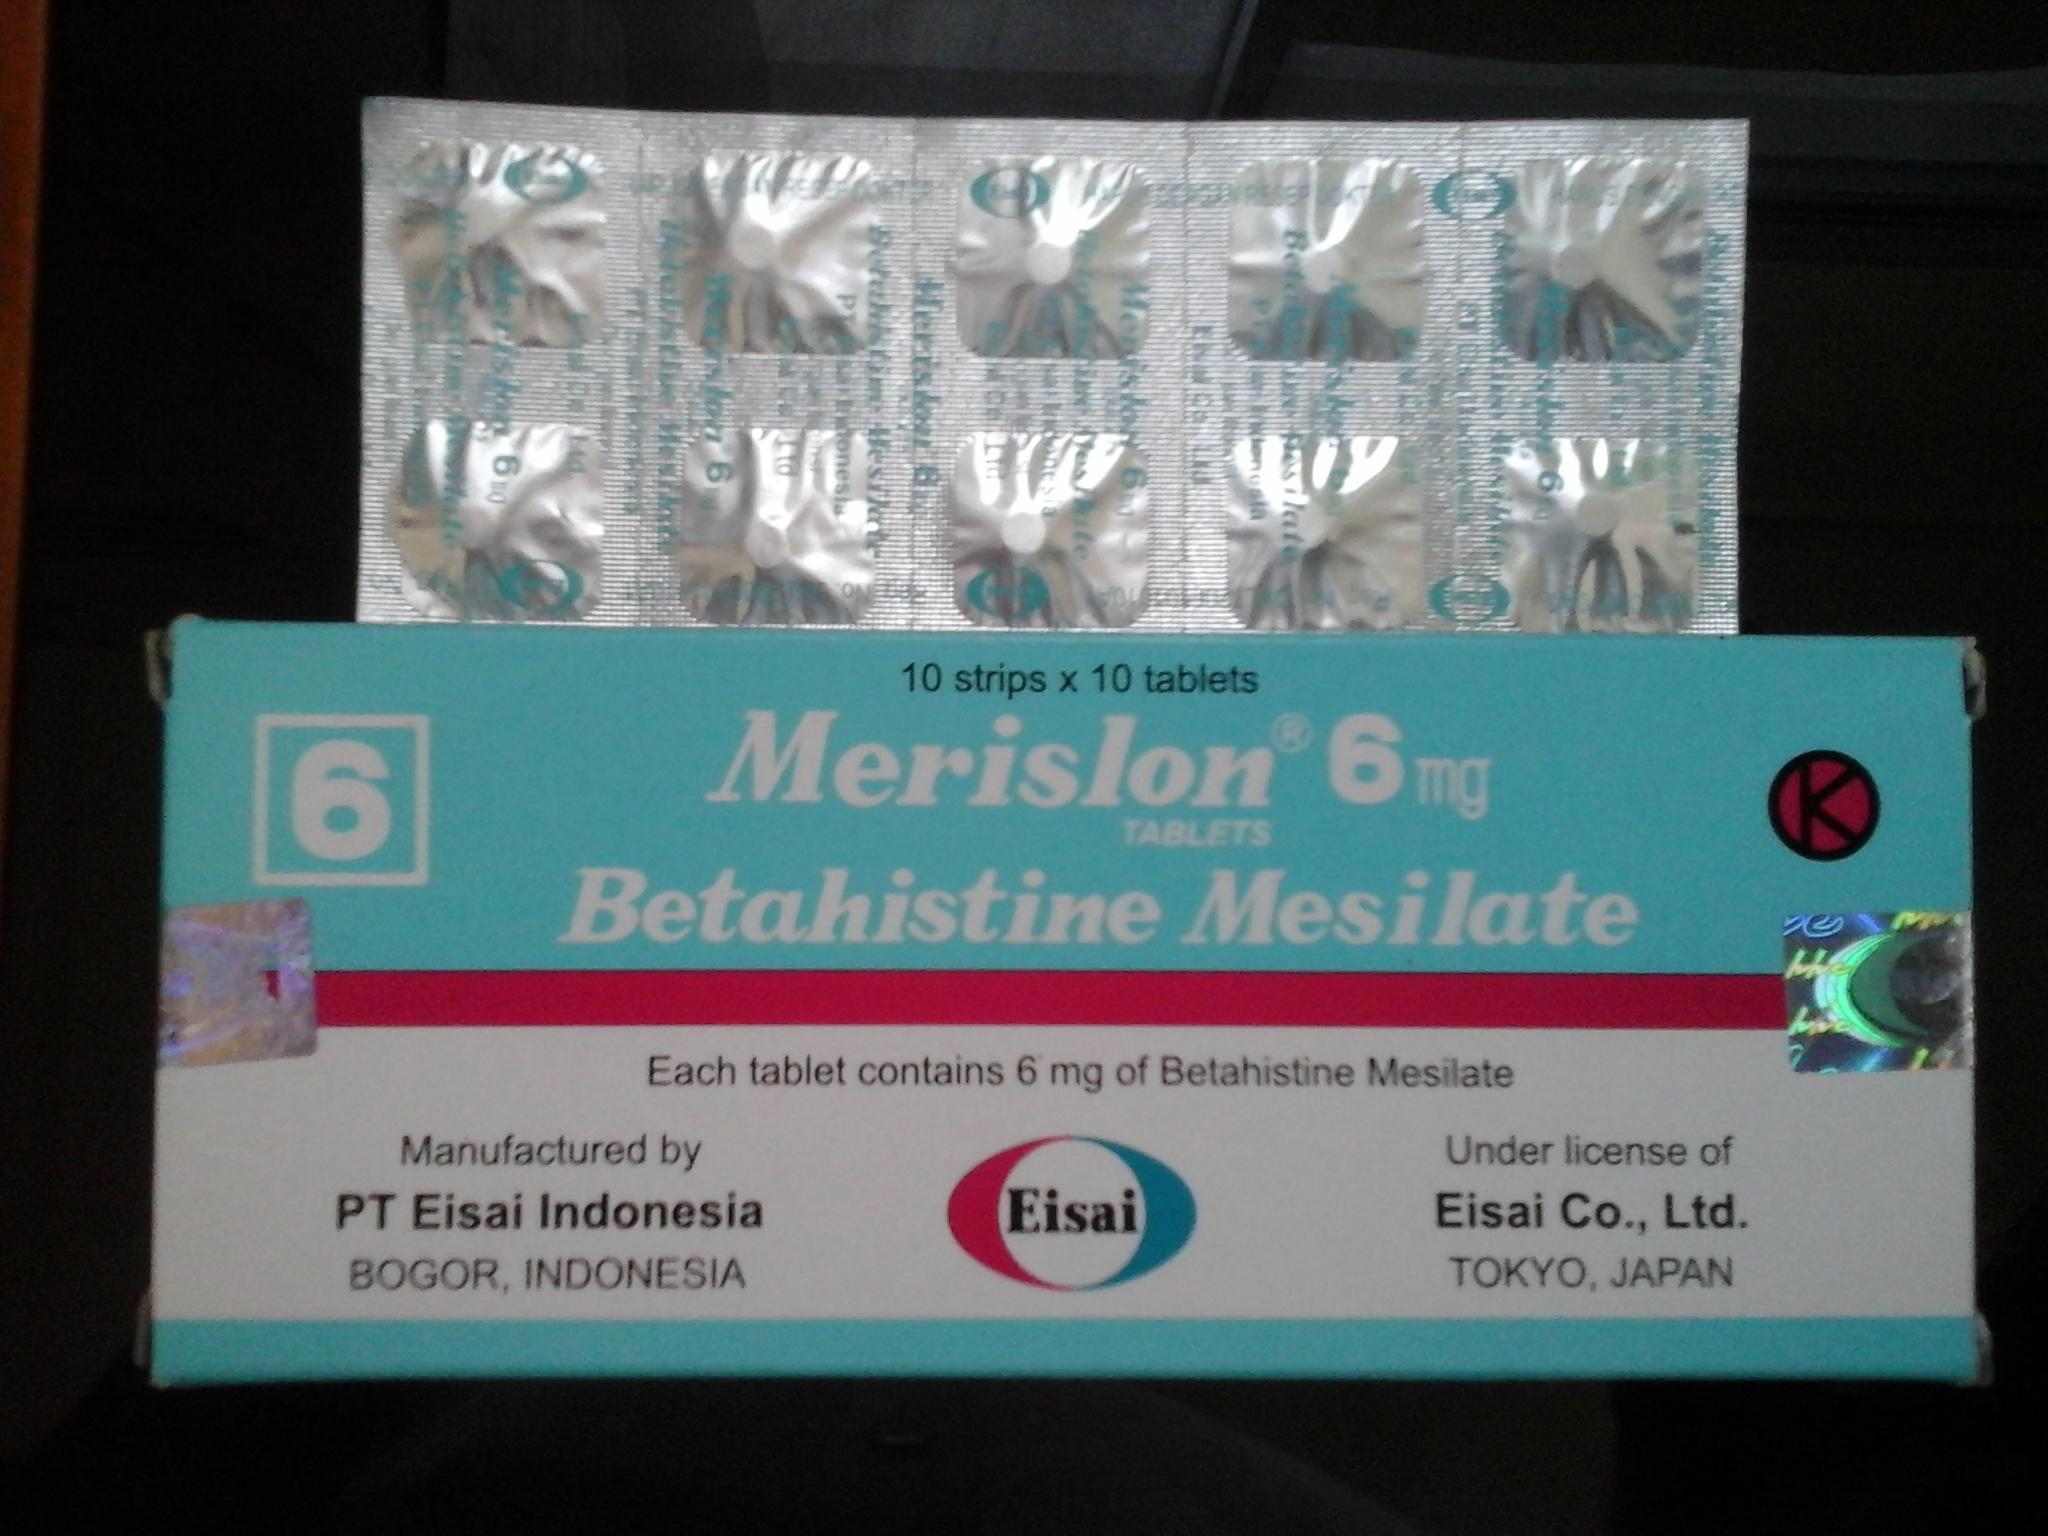 Obat Merislon | Betahistine Mesilate